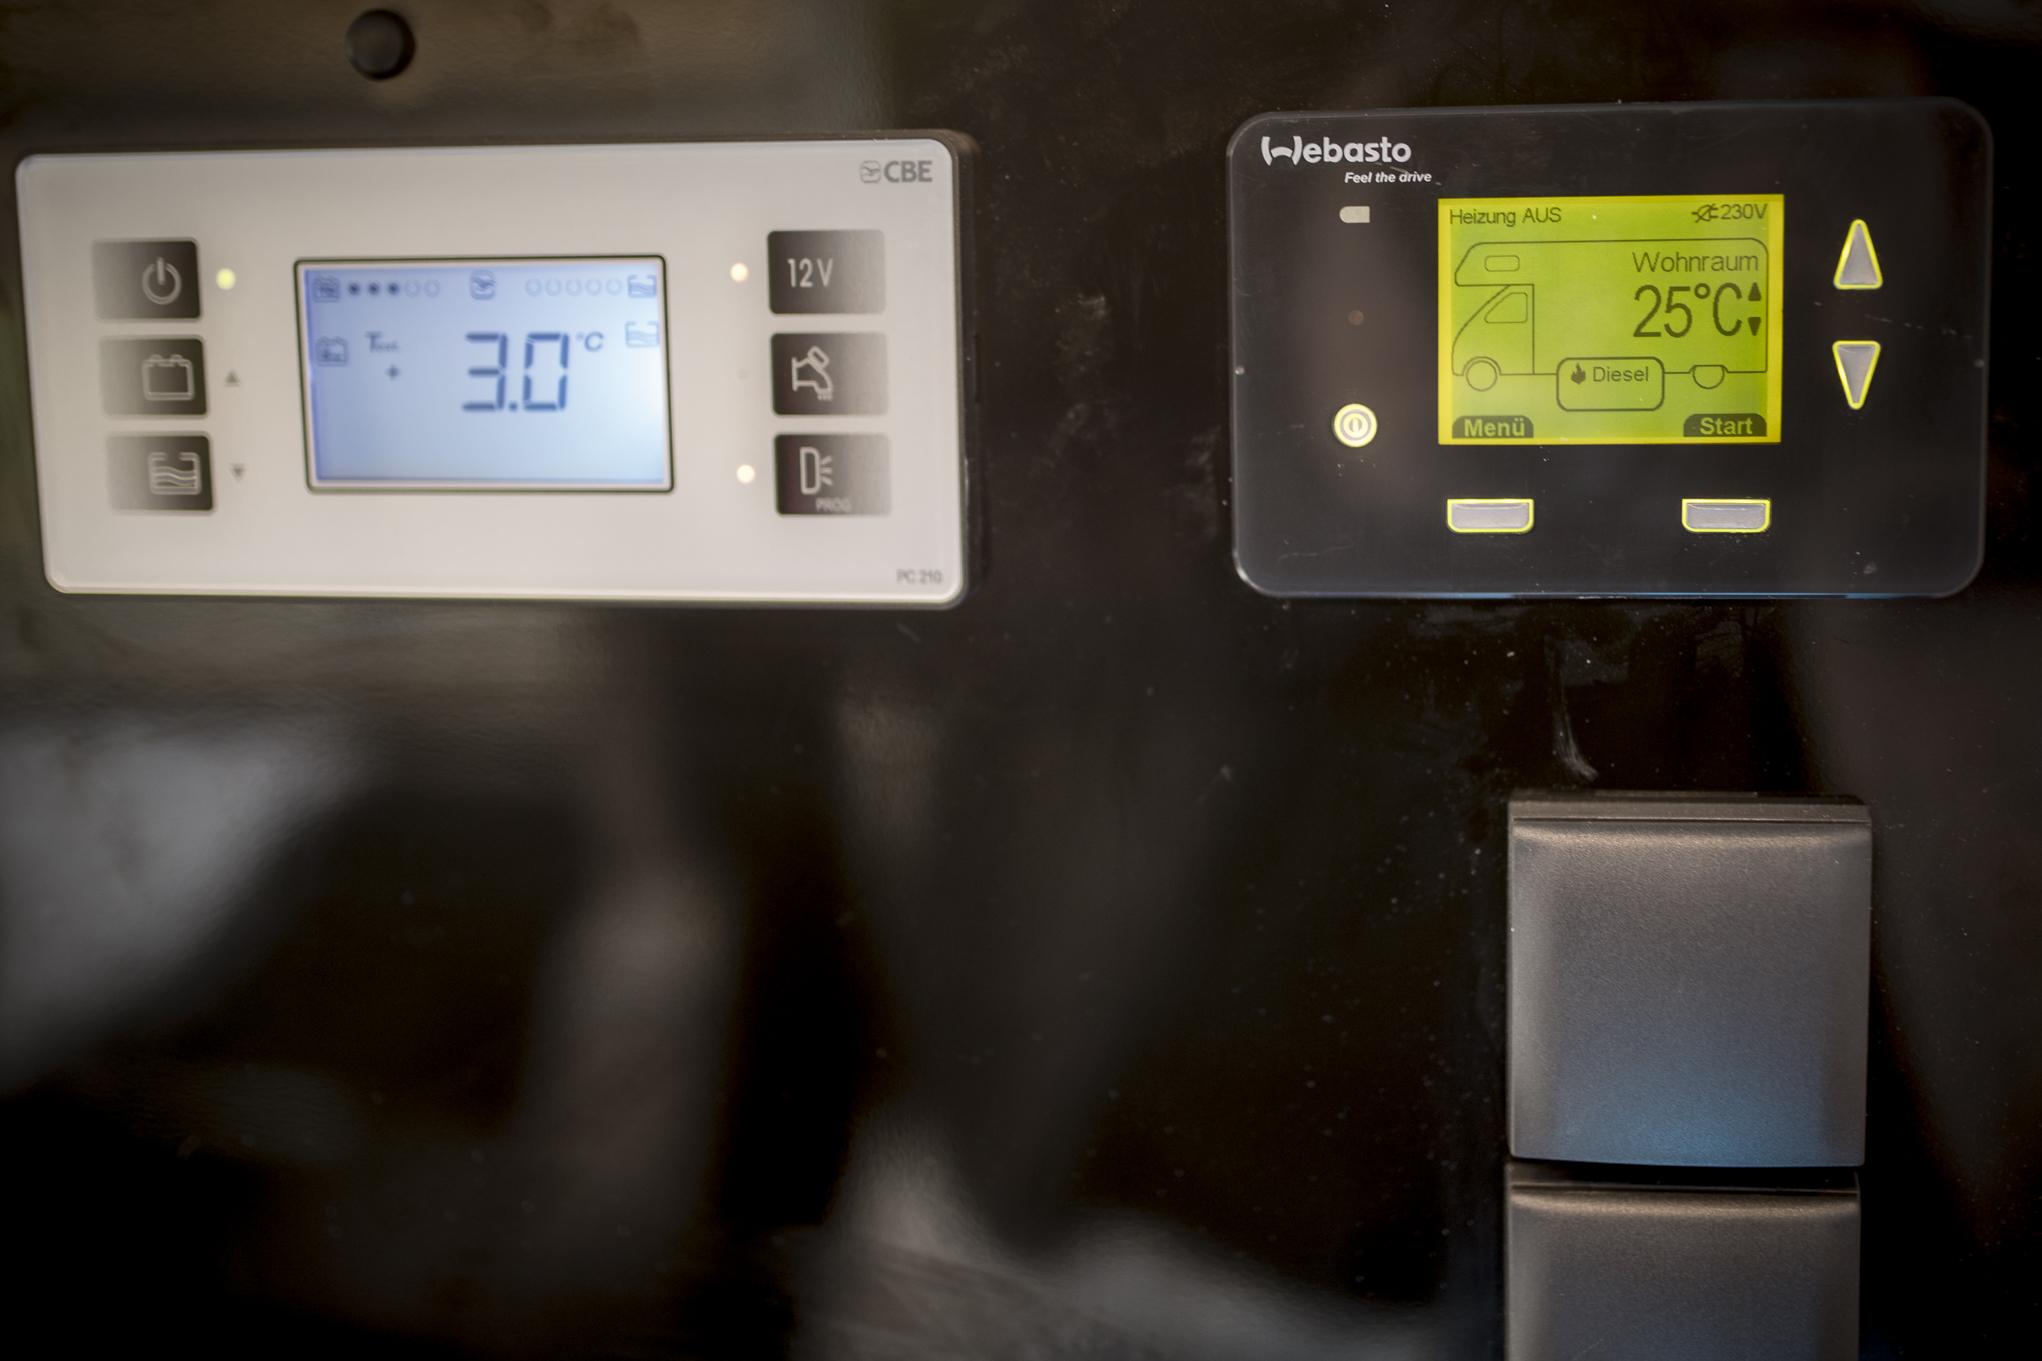 Digitales Panel, Webasto Dual TOP EVO8 8Kw Heizung, 2KW mit Strom, 6Kw mit Diesel ! 220v Steckdosen durch 3kw Wechselrichter!